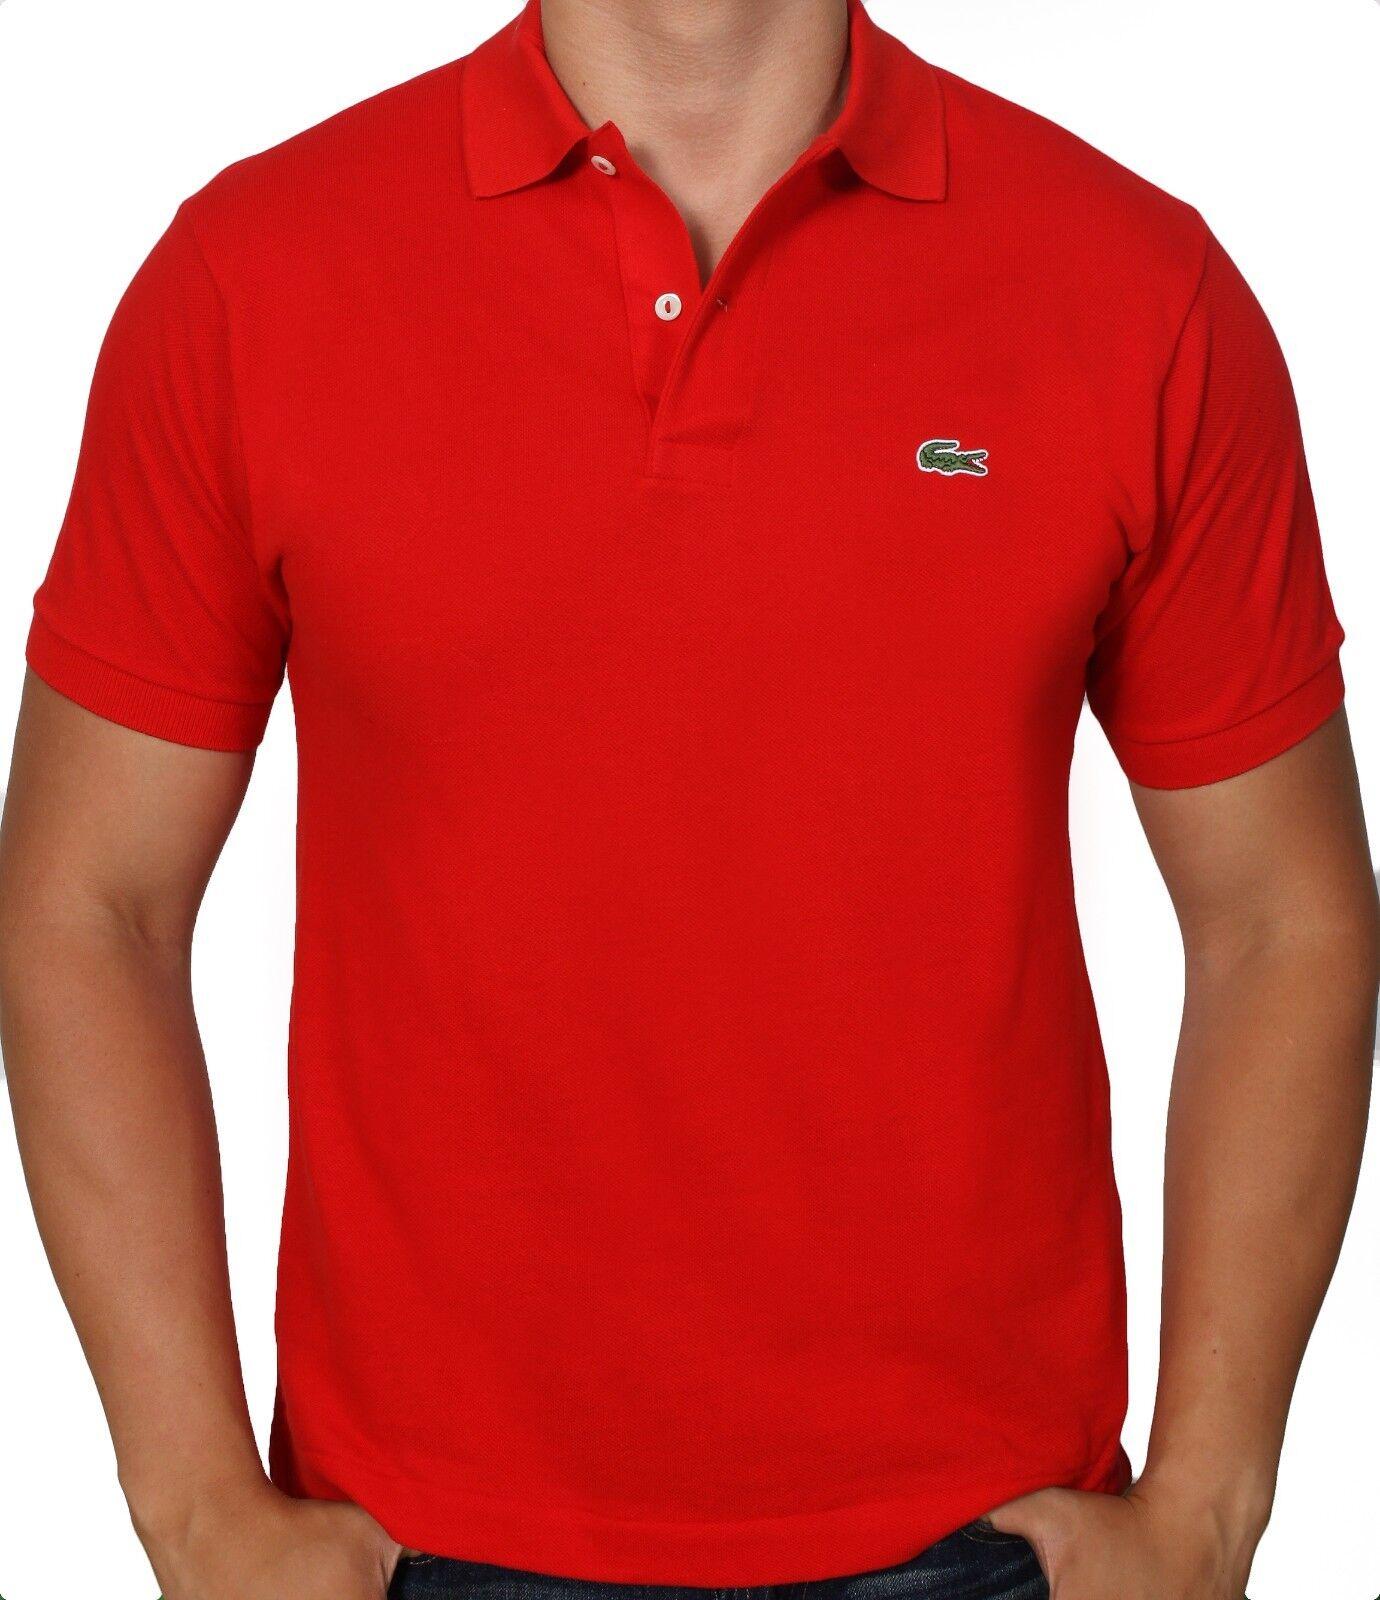 Lacoste Mens Short Sleeve Classic Cotton Pique Polo Shirt L1212 51